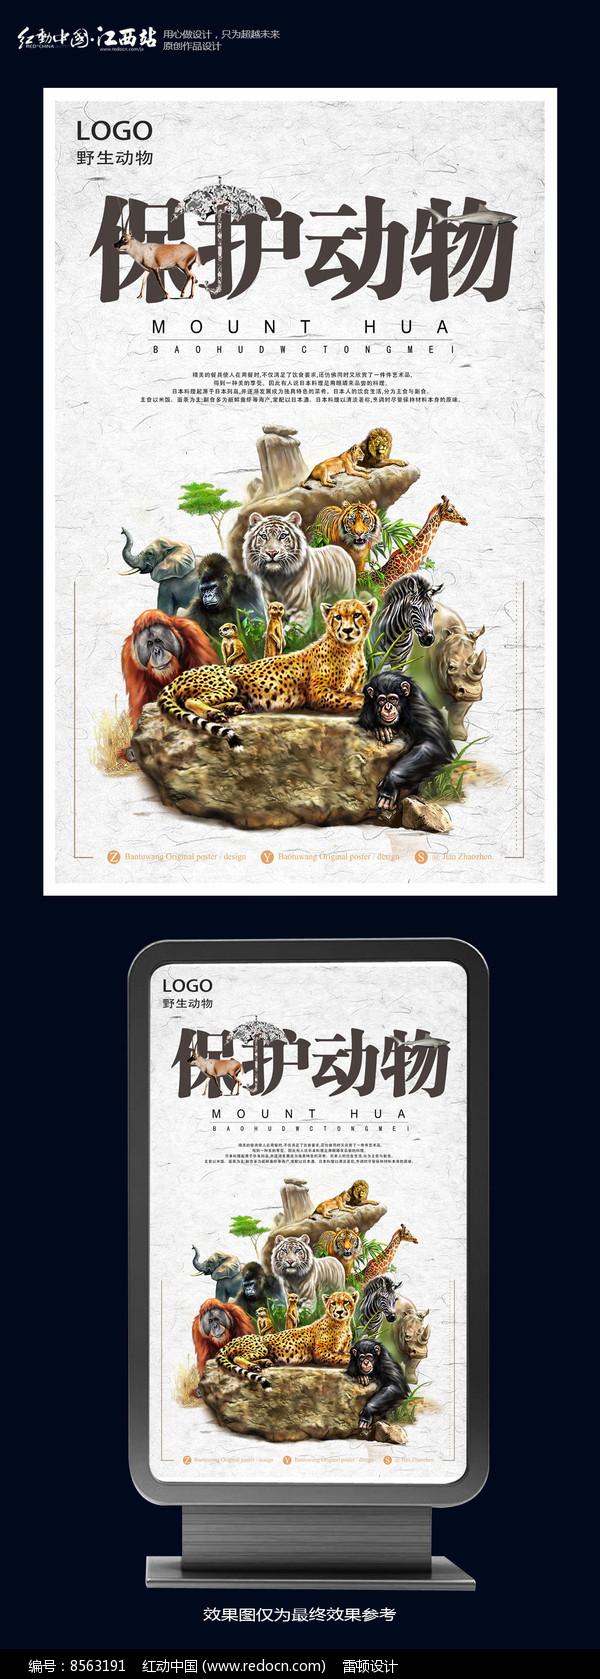 原创设计稿 海报设计/宣传单/广告牌 公益海报 保护动物公益宣传海报